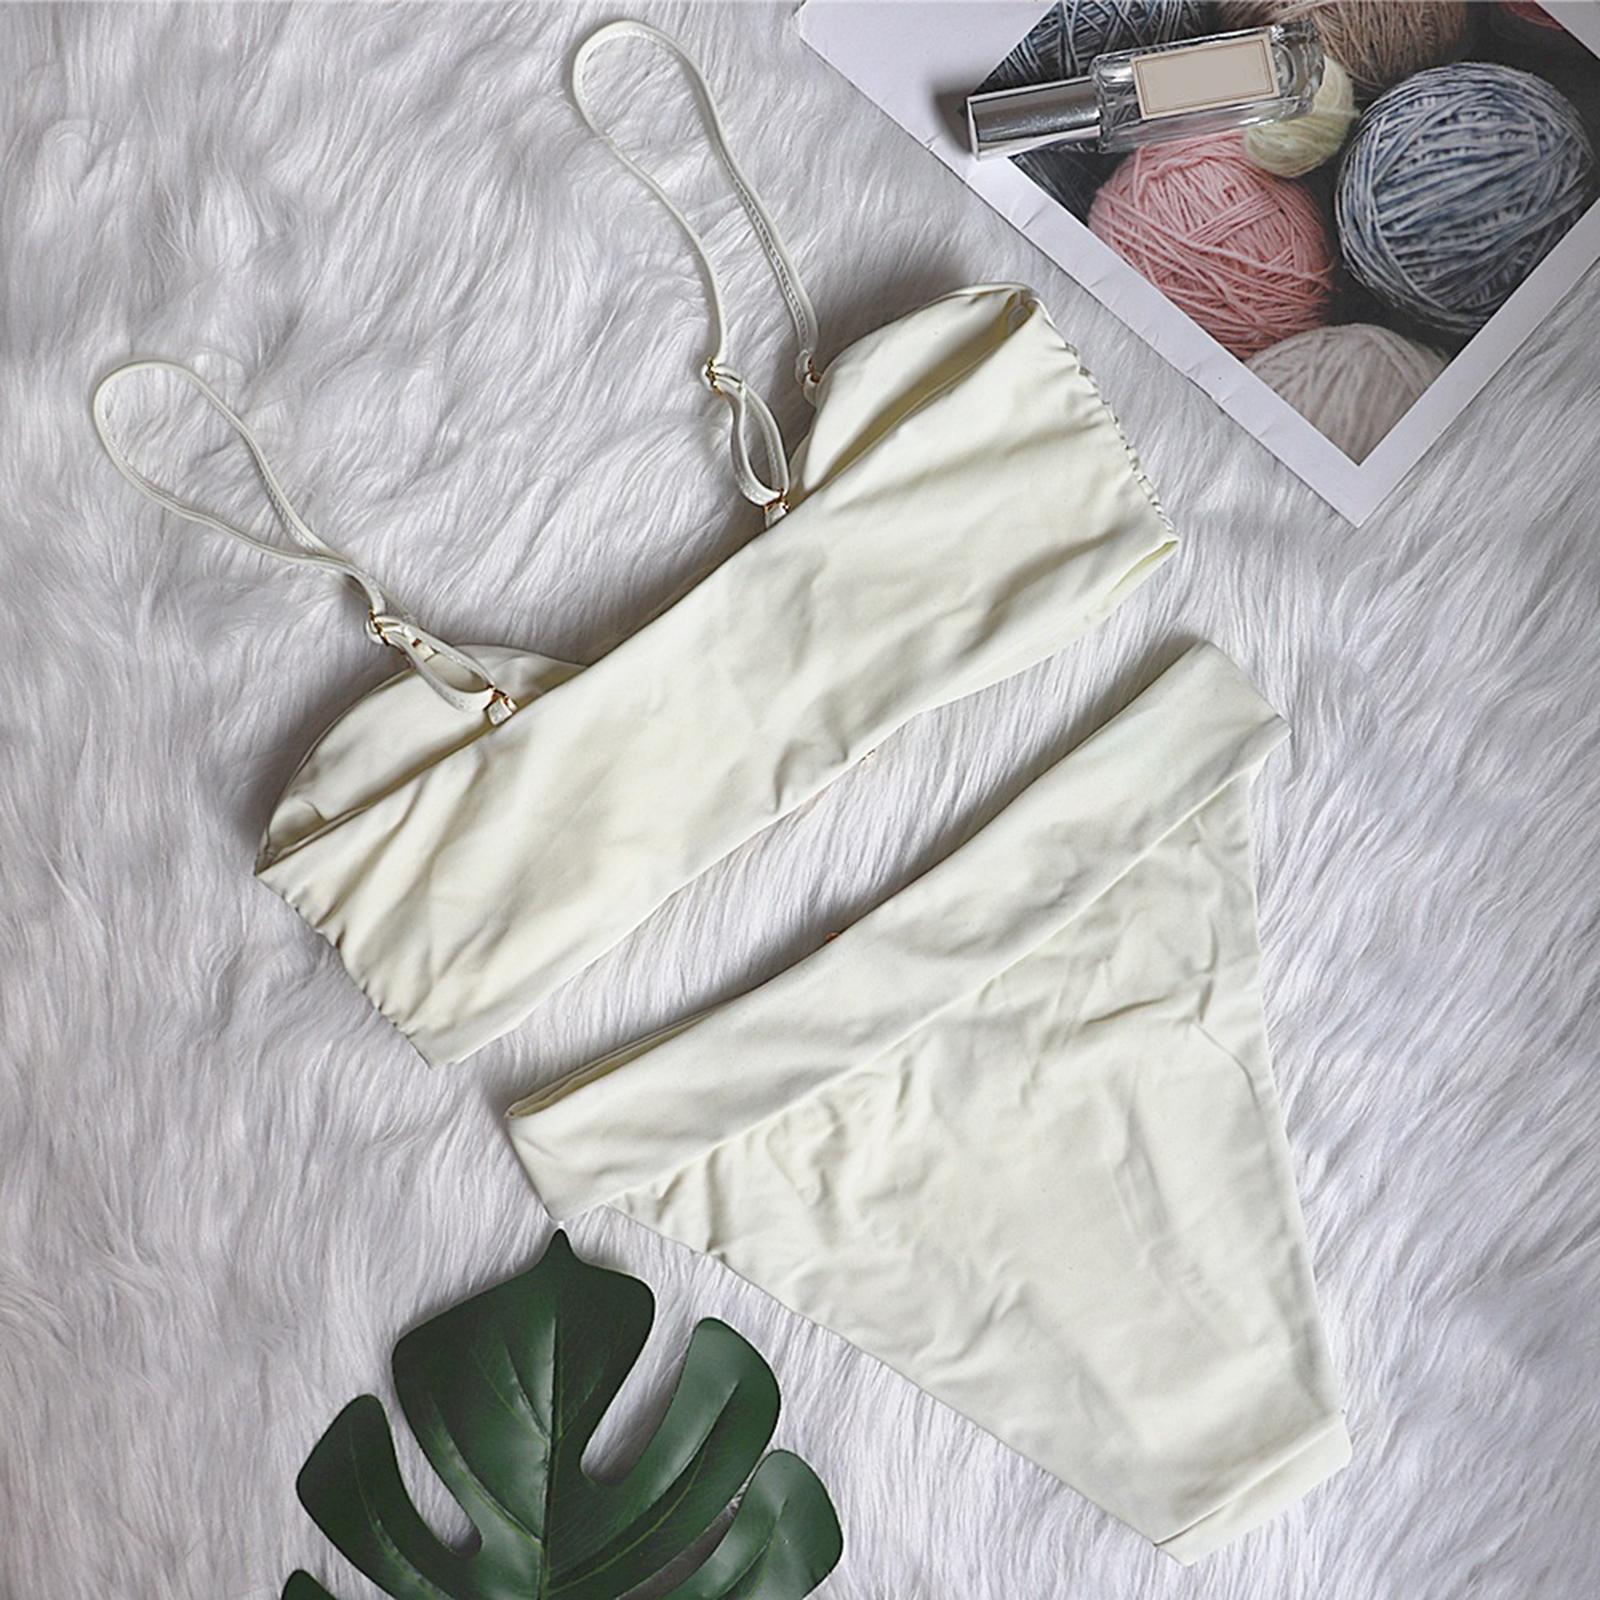 Indexbild 33 - Zwei Stücke Bikini Set Strappy Bademode Party Badeanzug Tankini Bademode